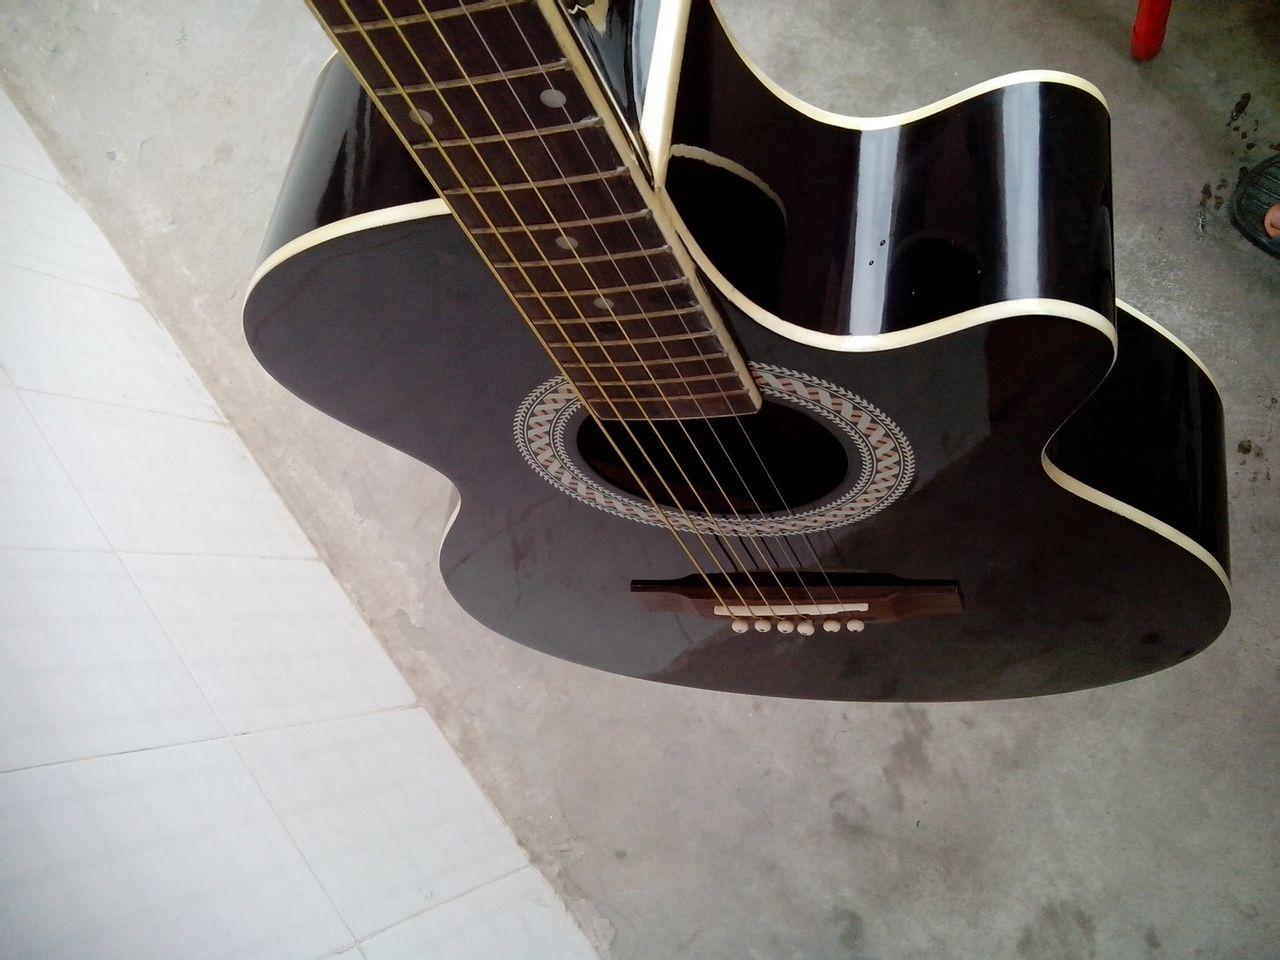 吉他,琴板厚实,指板是云朵的符号.音色纯正,音调准确.基本上高清图片